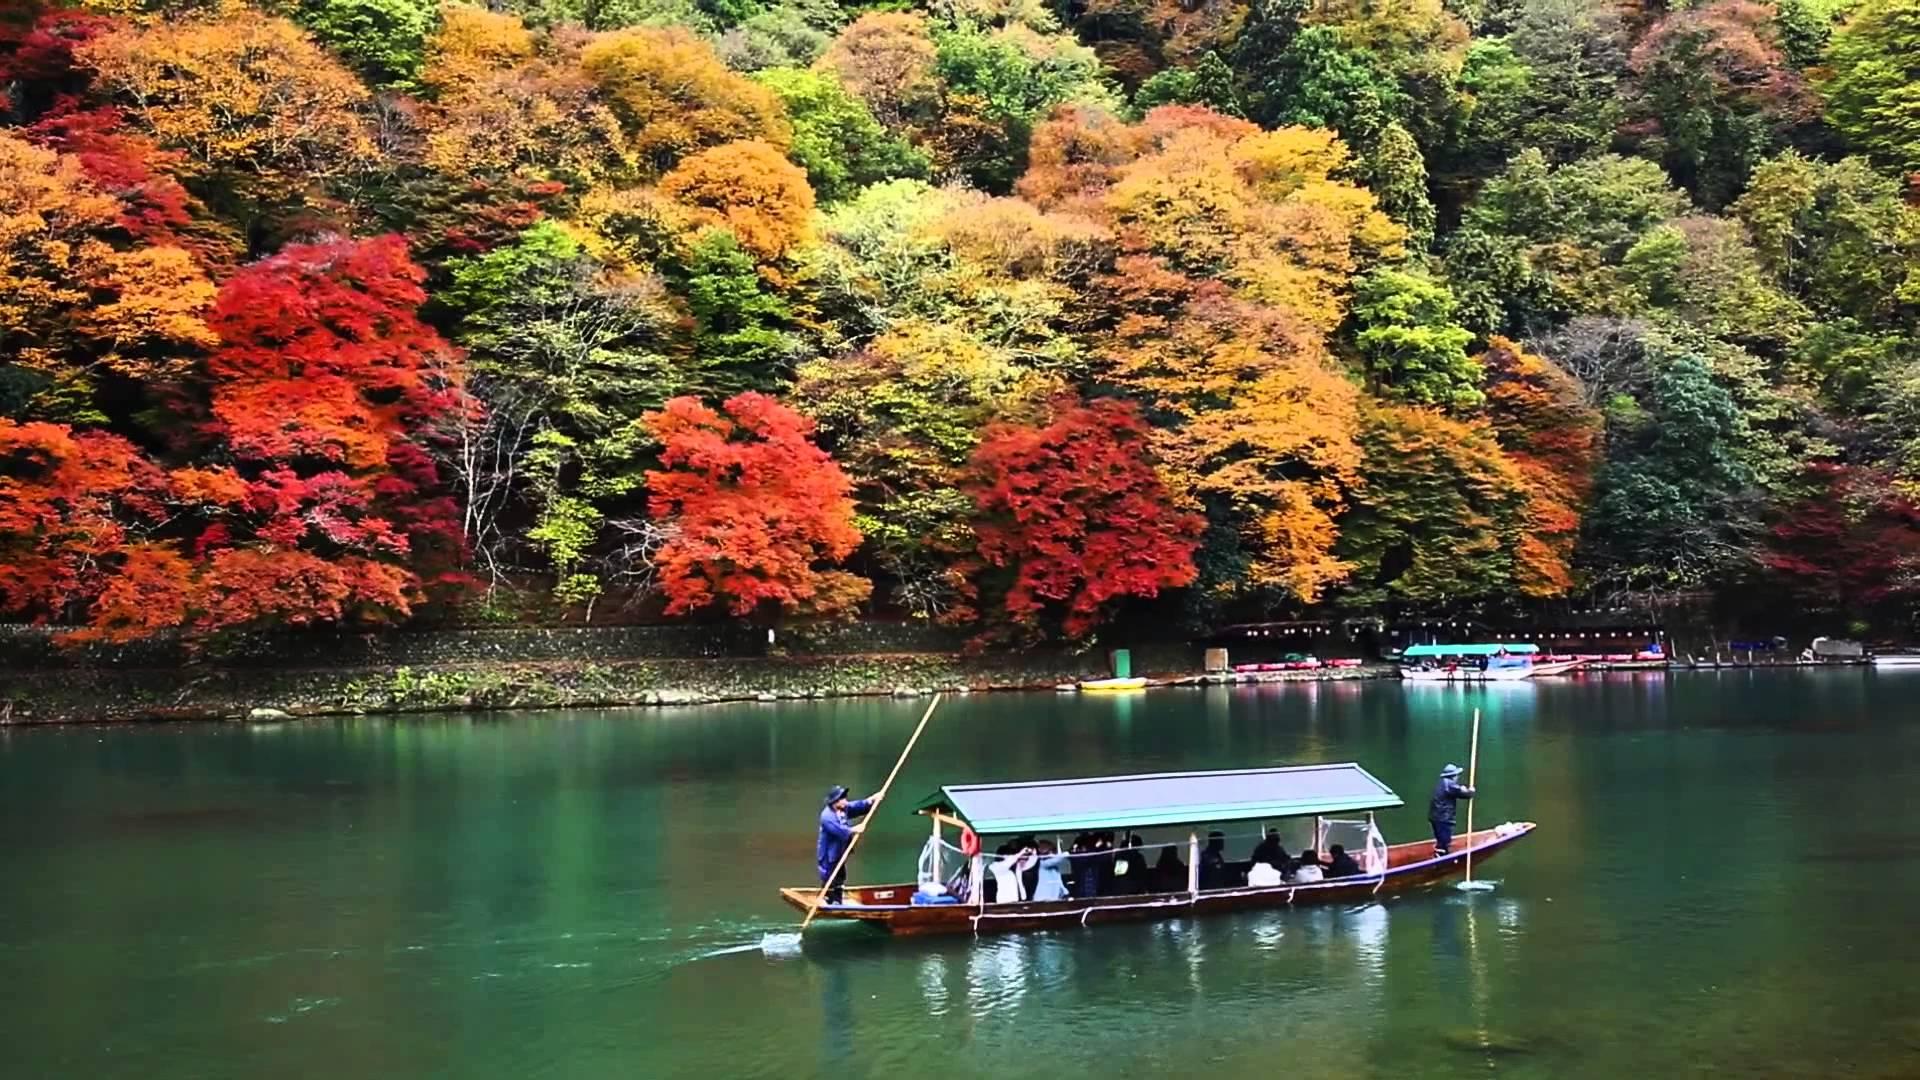 Chiêm ngắm vẻ đẹp tuyệt vời ở công viên Arashiyama, Tokyo